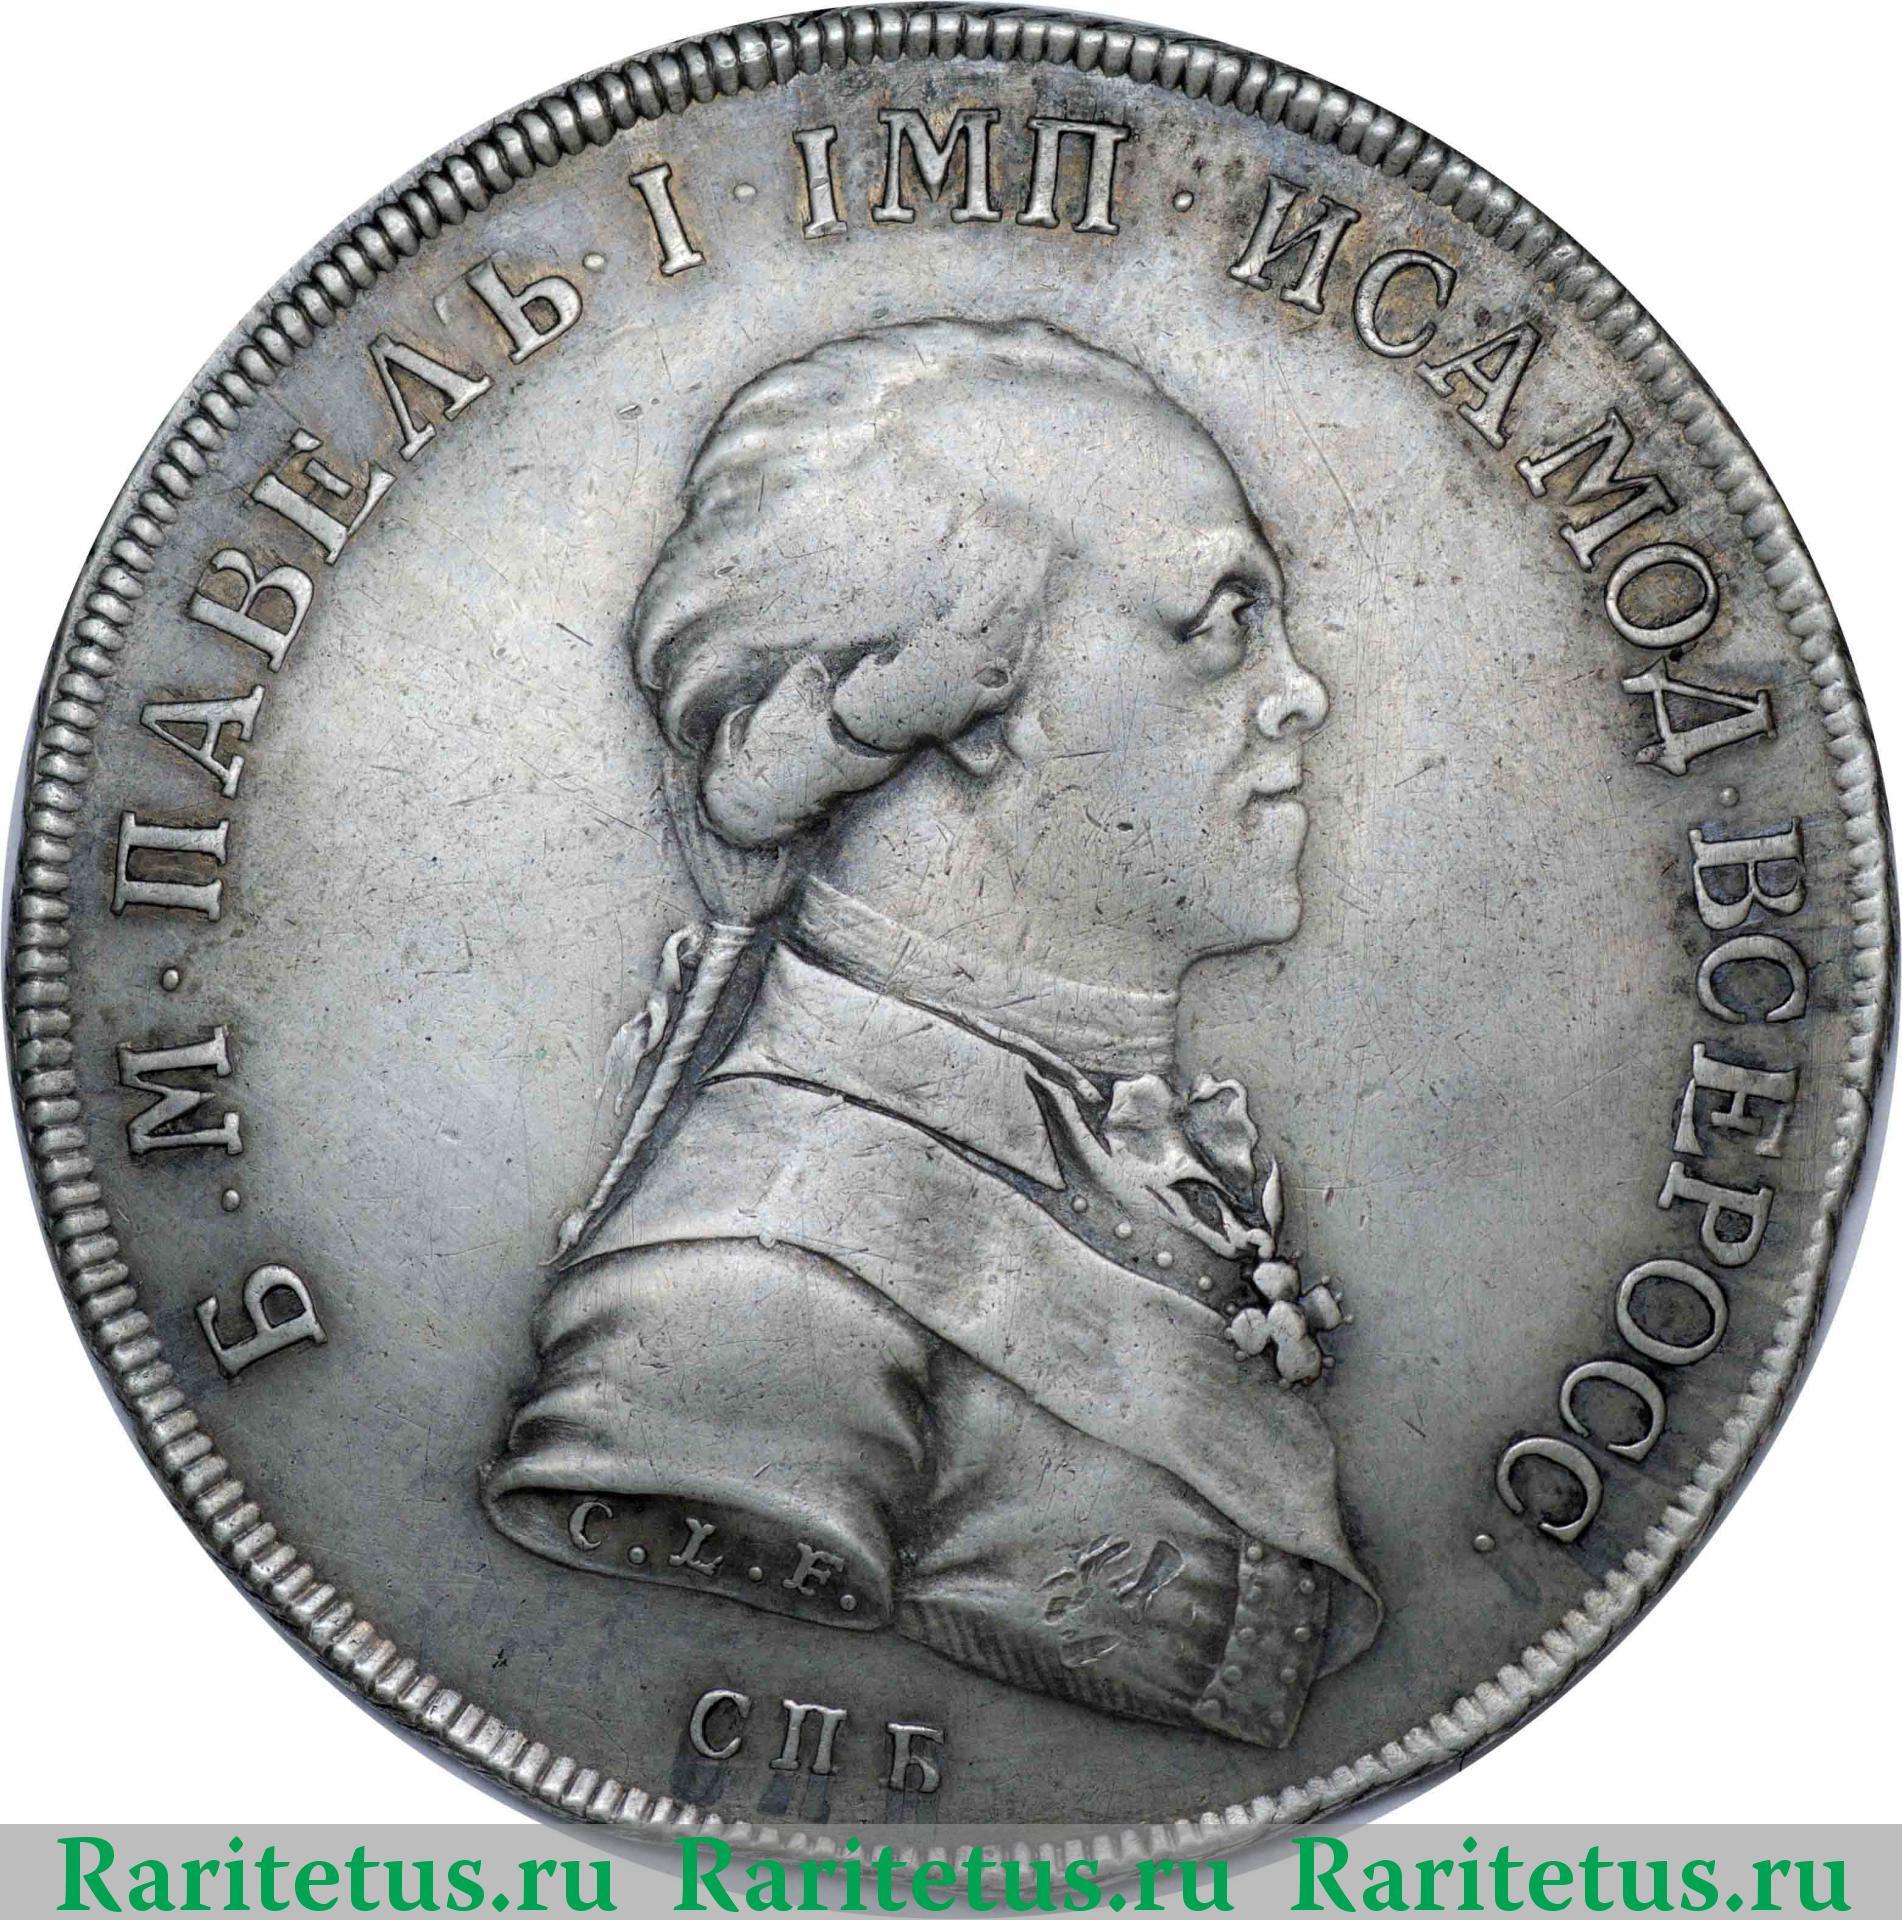 Серебряная монета 1 рубль 1796 года подводный металлоискатель дешевый